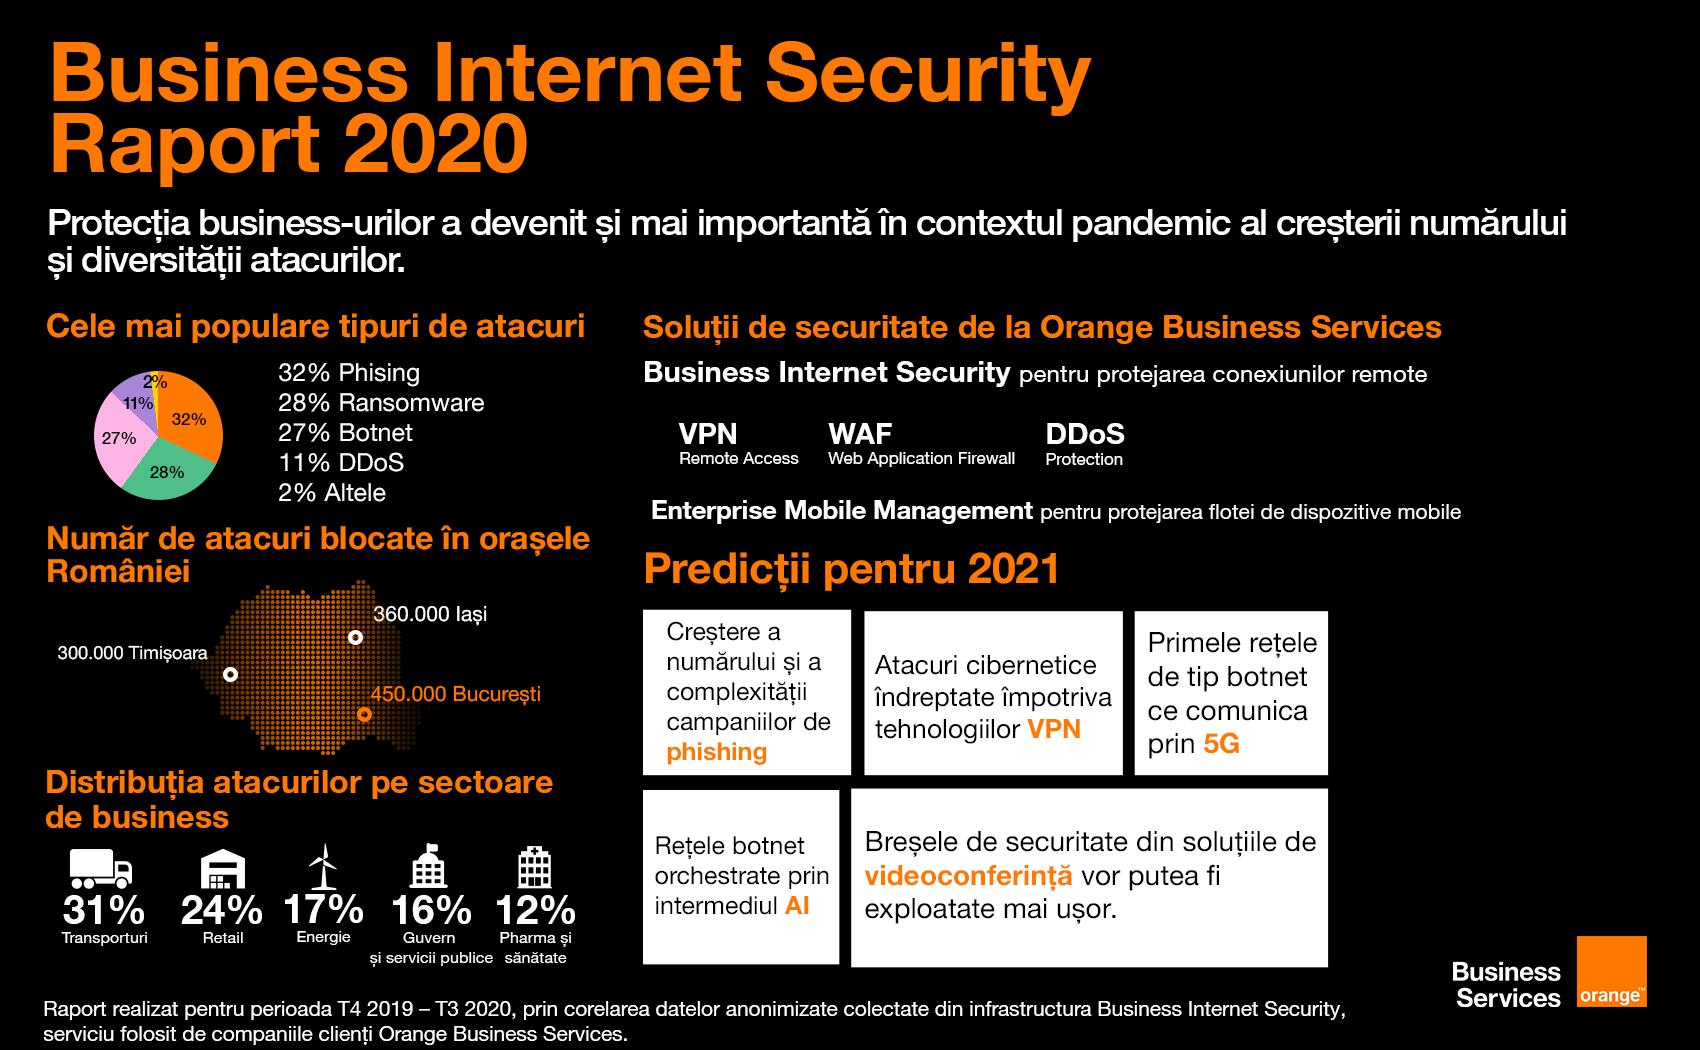 Provocările ultimului an în securitate cibernetică în raportul Business Internet Security 2020 al Orange